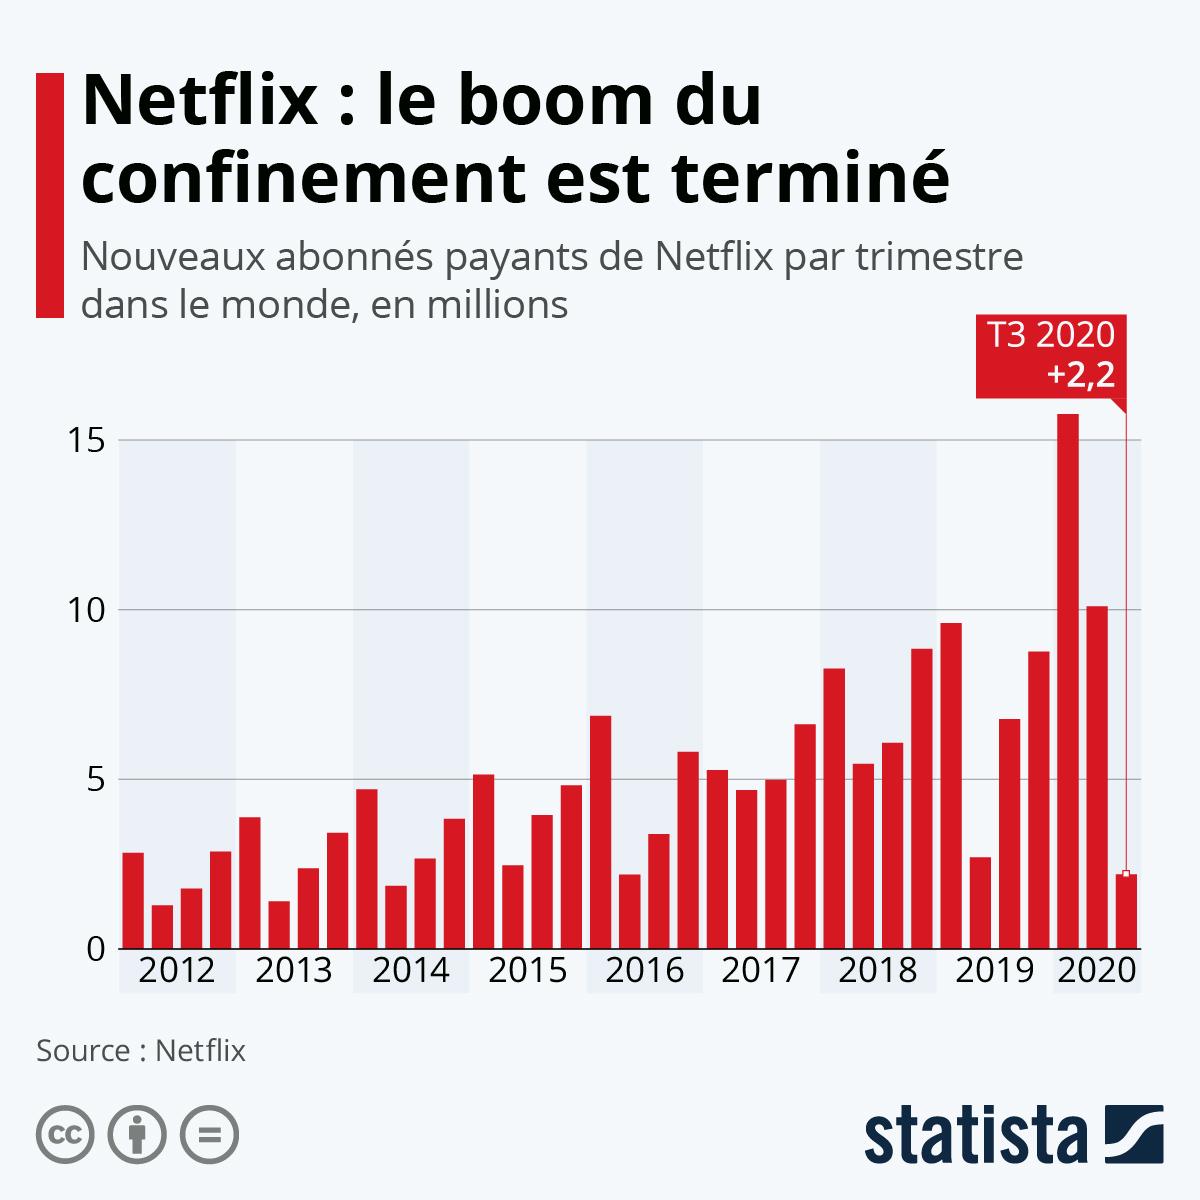 Infographie: Netflix enregistre un record de nouveaux abonnés | Statista